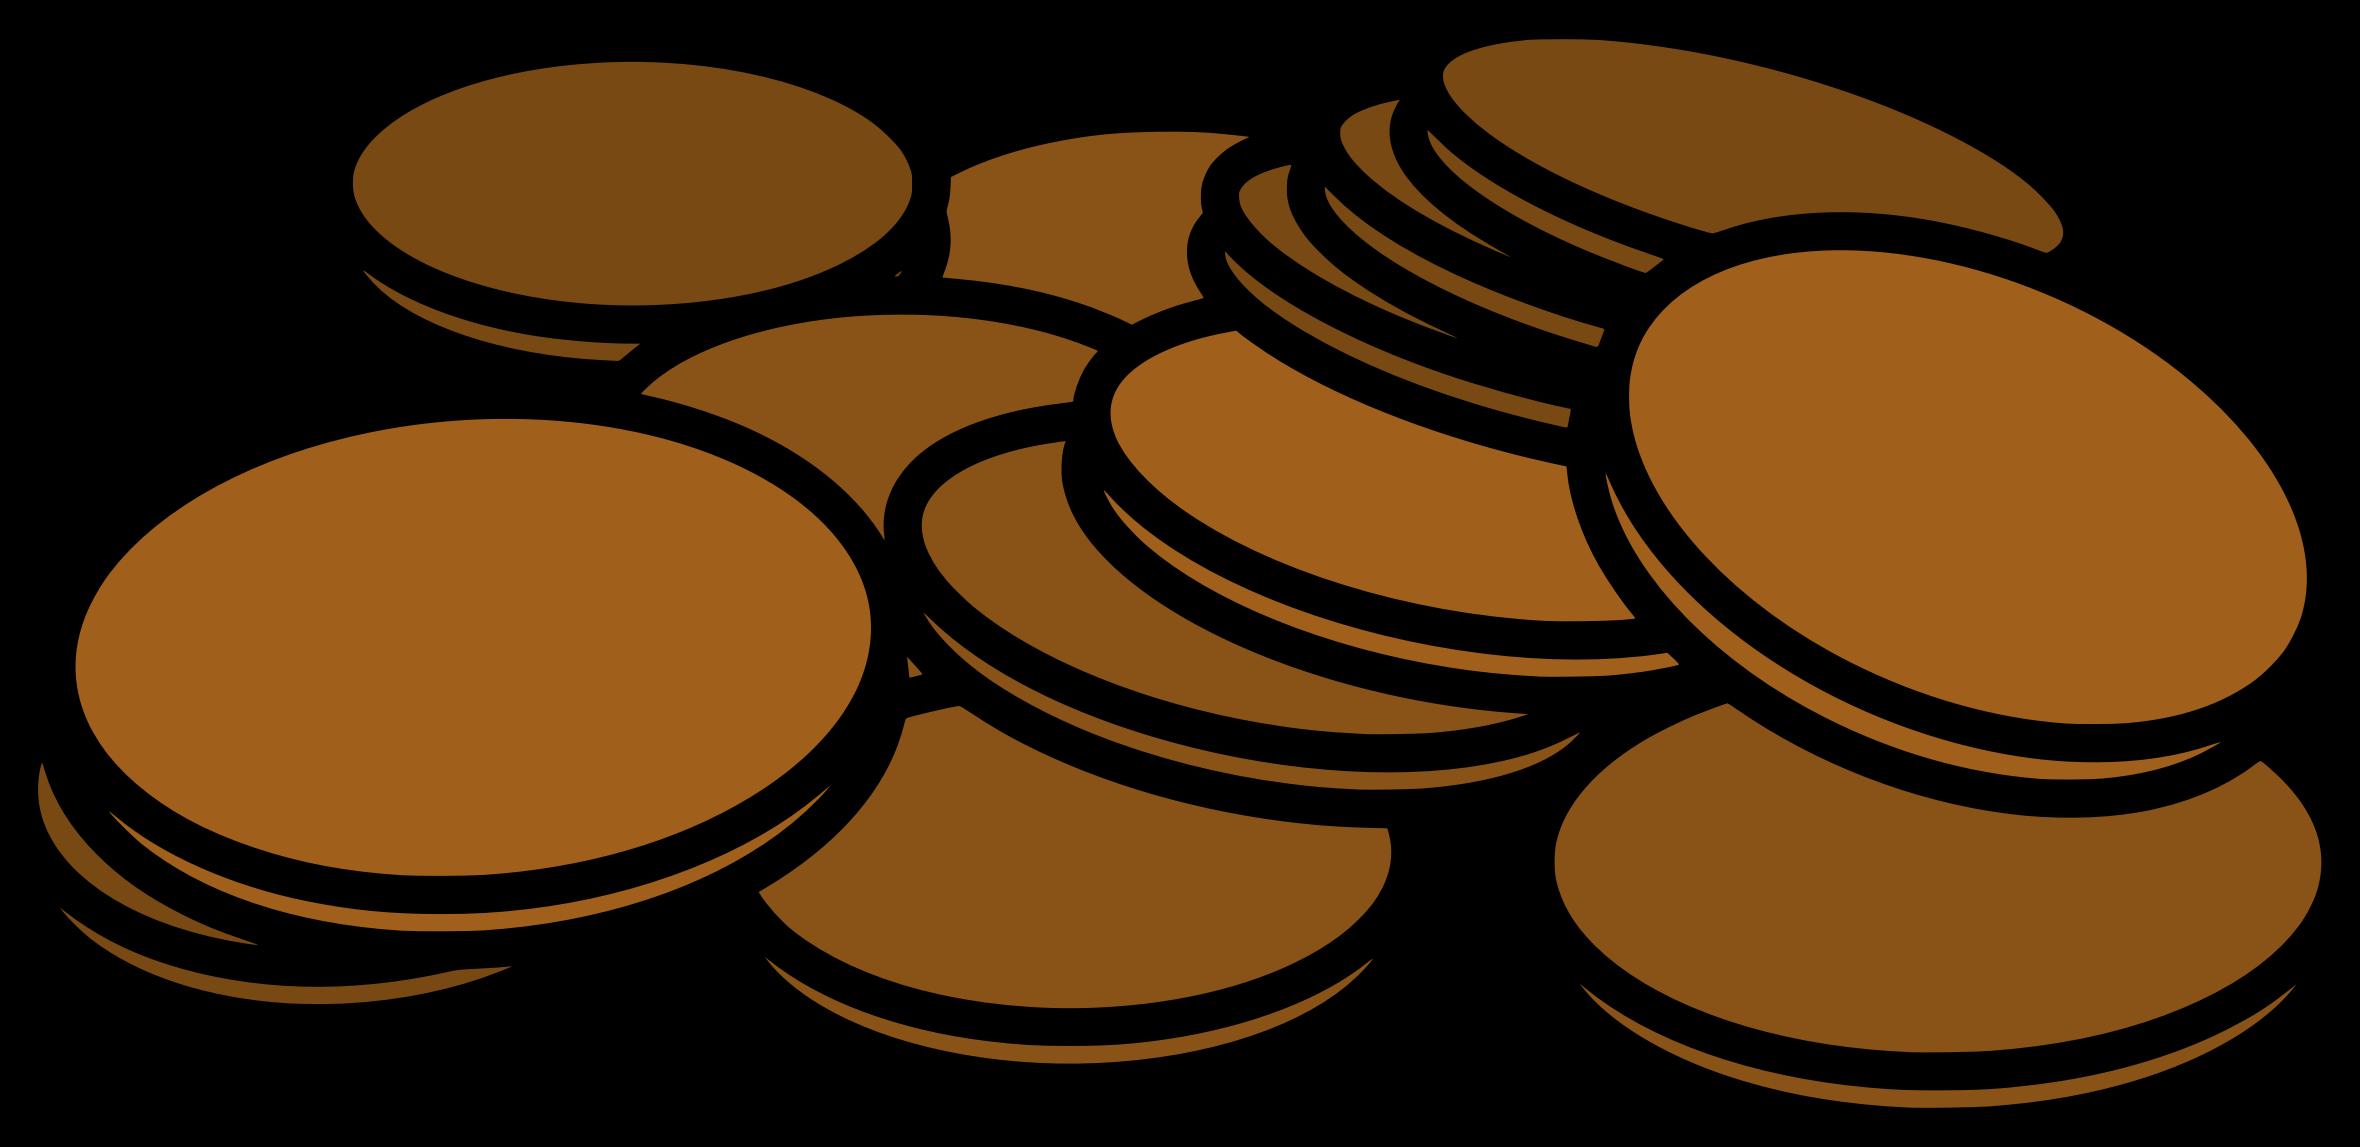 Penny clip art 6.